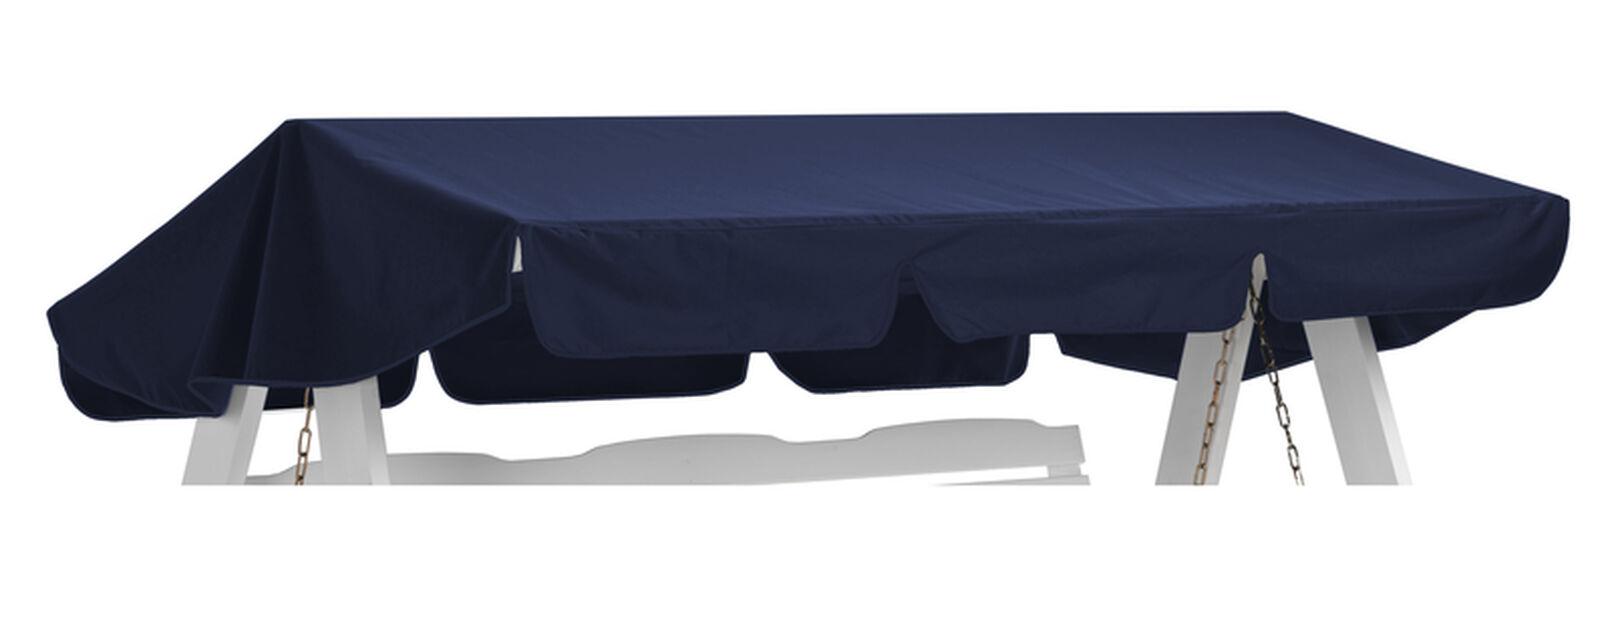 Hammocktak Dalom, Lengde 191 cm, Marineblå